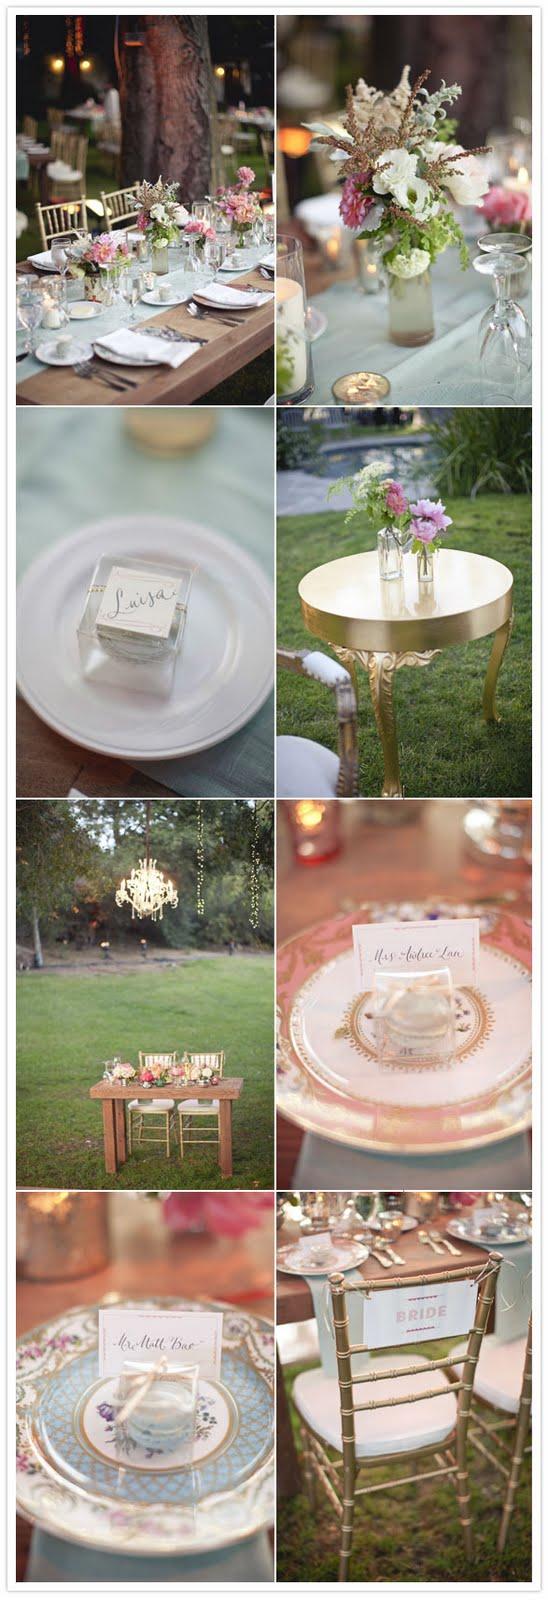 idea para decorar boda al aire libre inspiracion boda rural